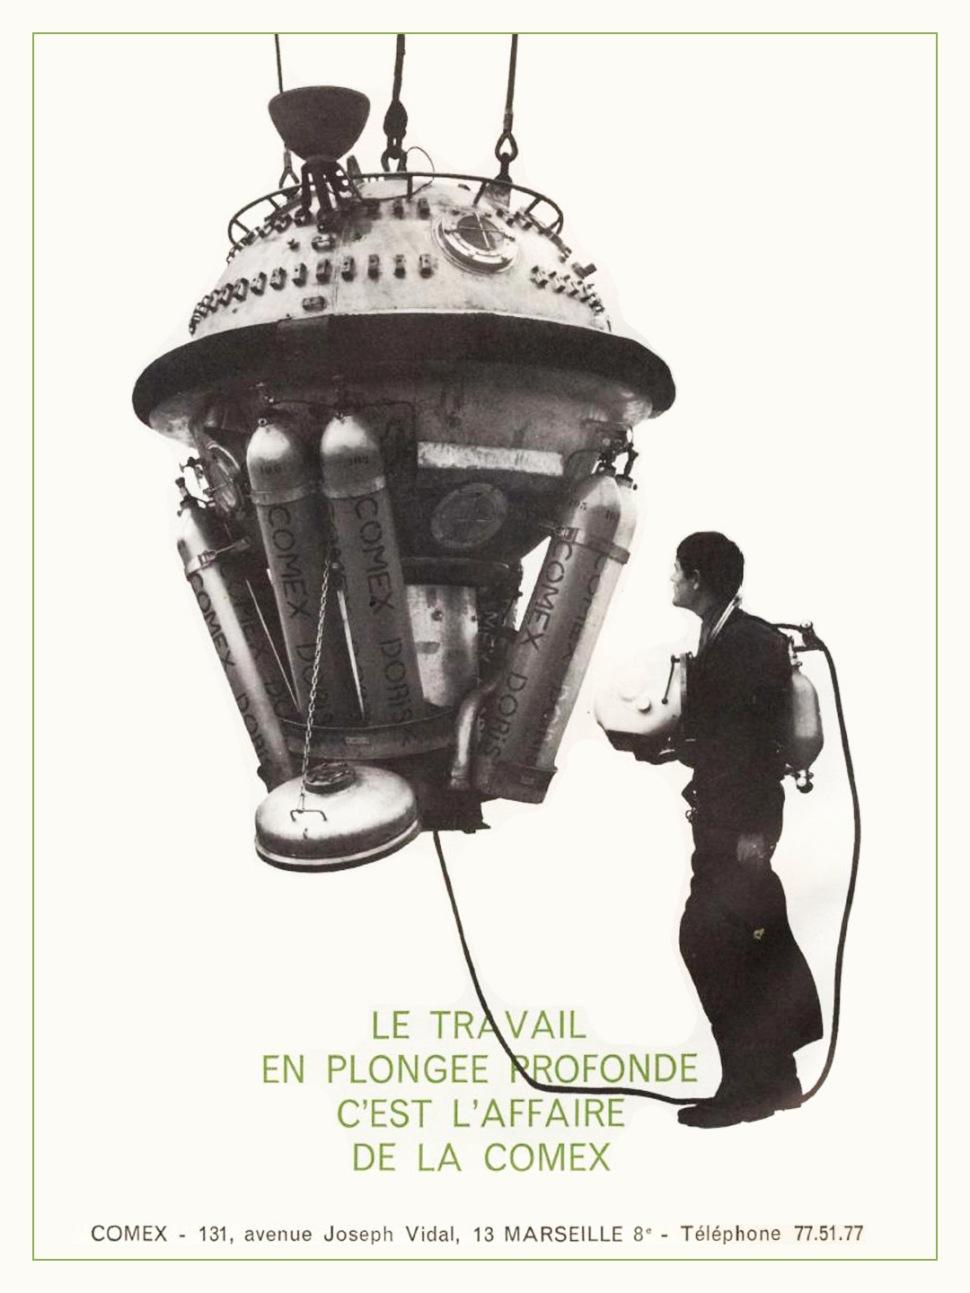 200429-comex-advertisement-1967